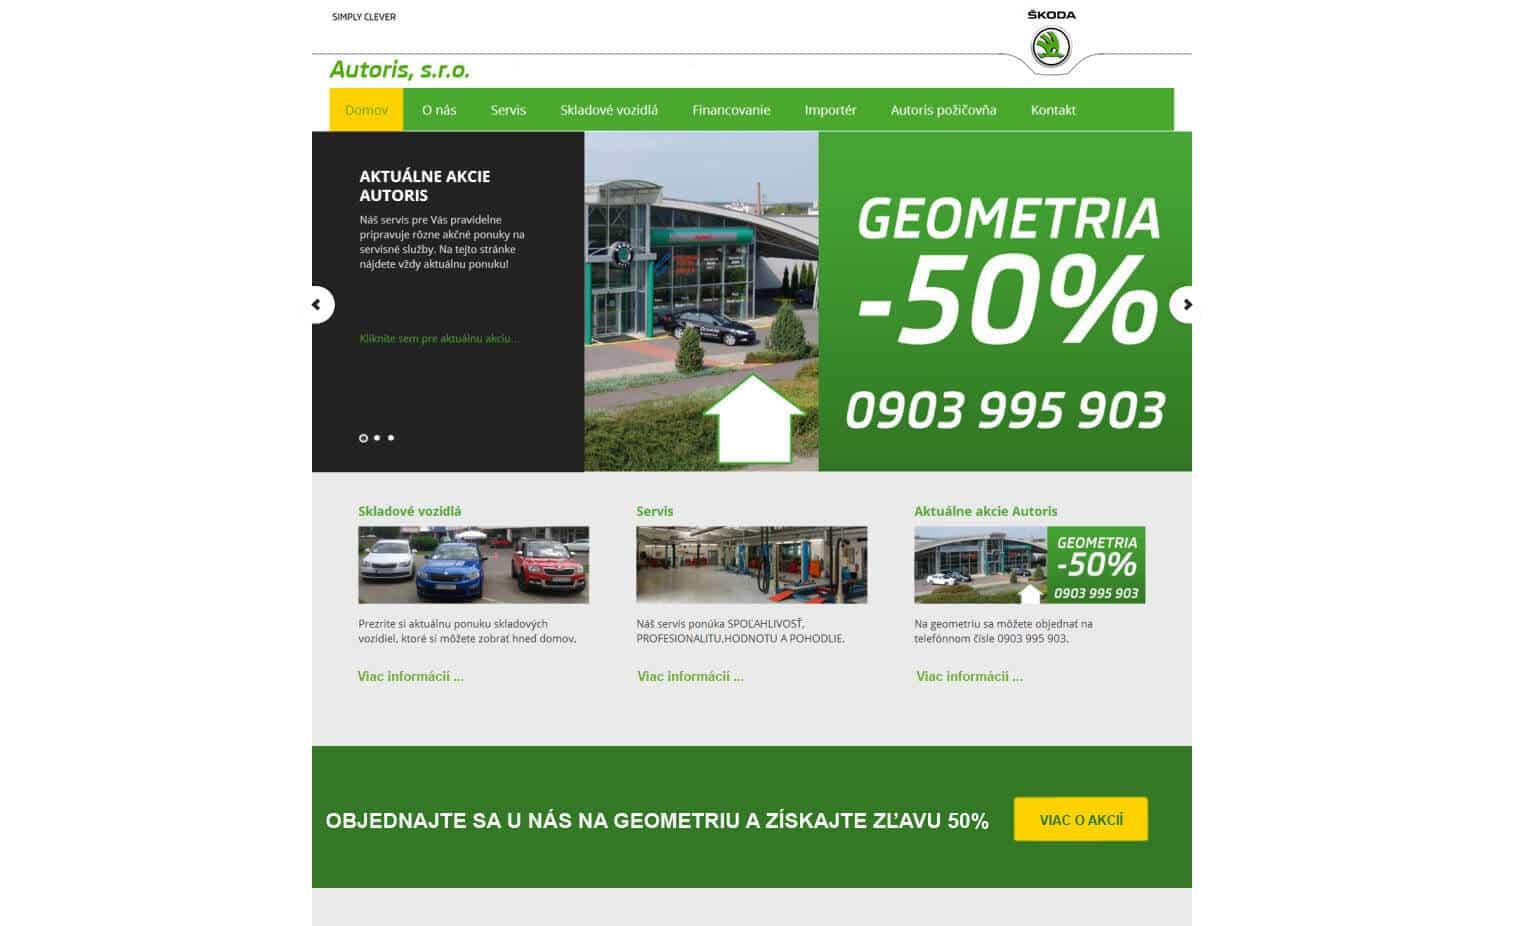 Starý dizajn web stránky Škoda